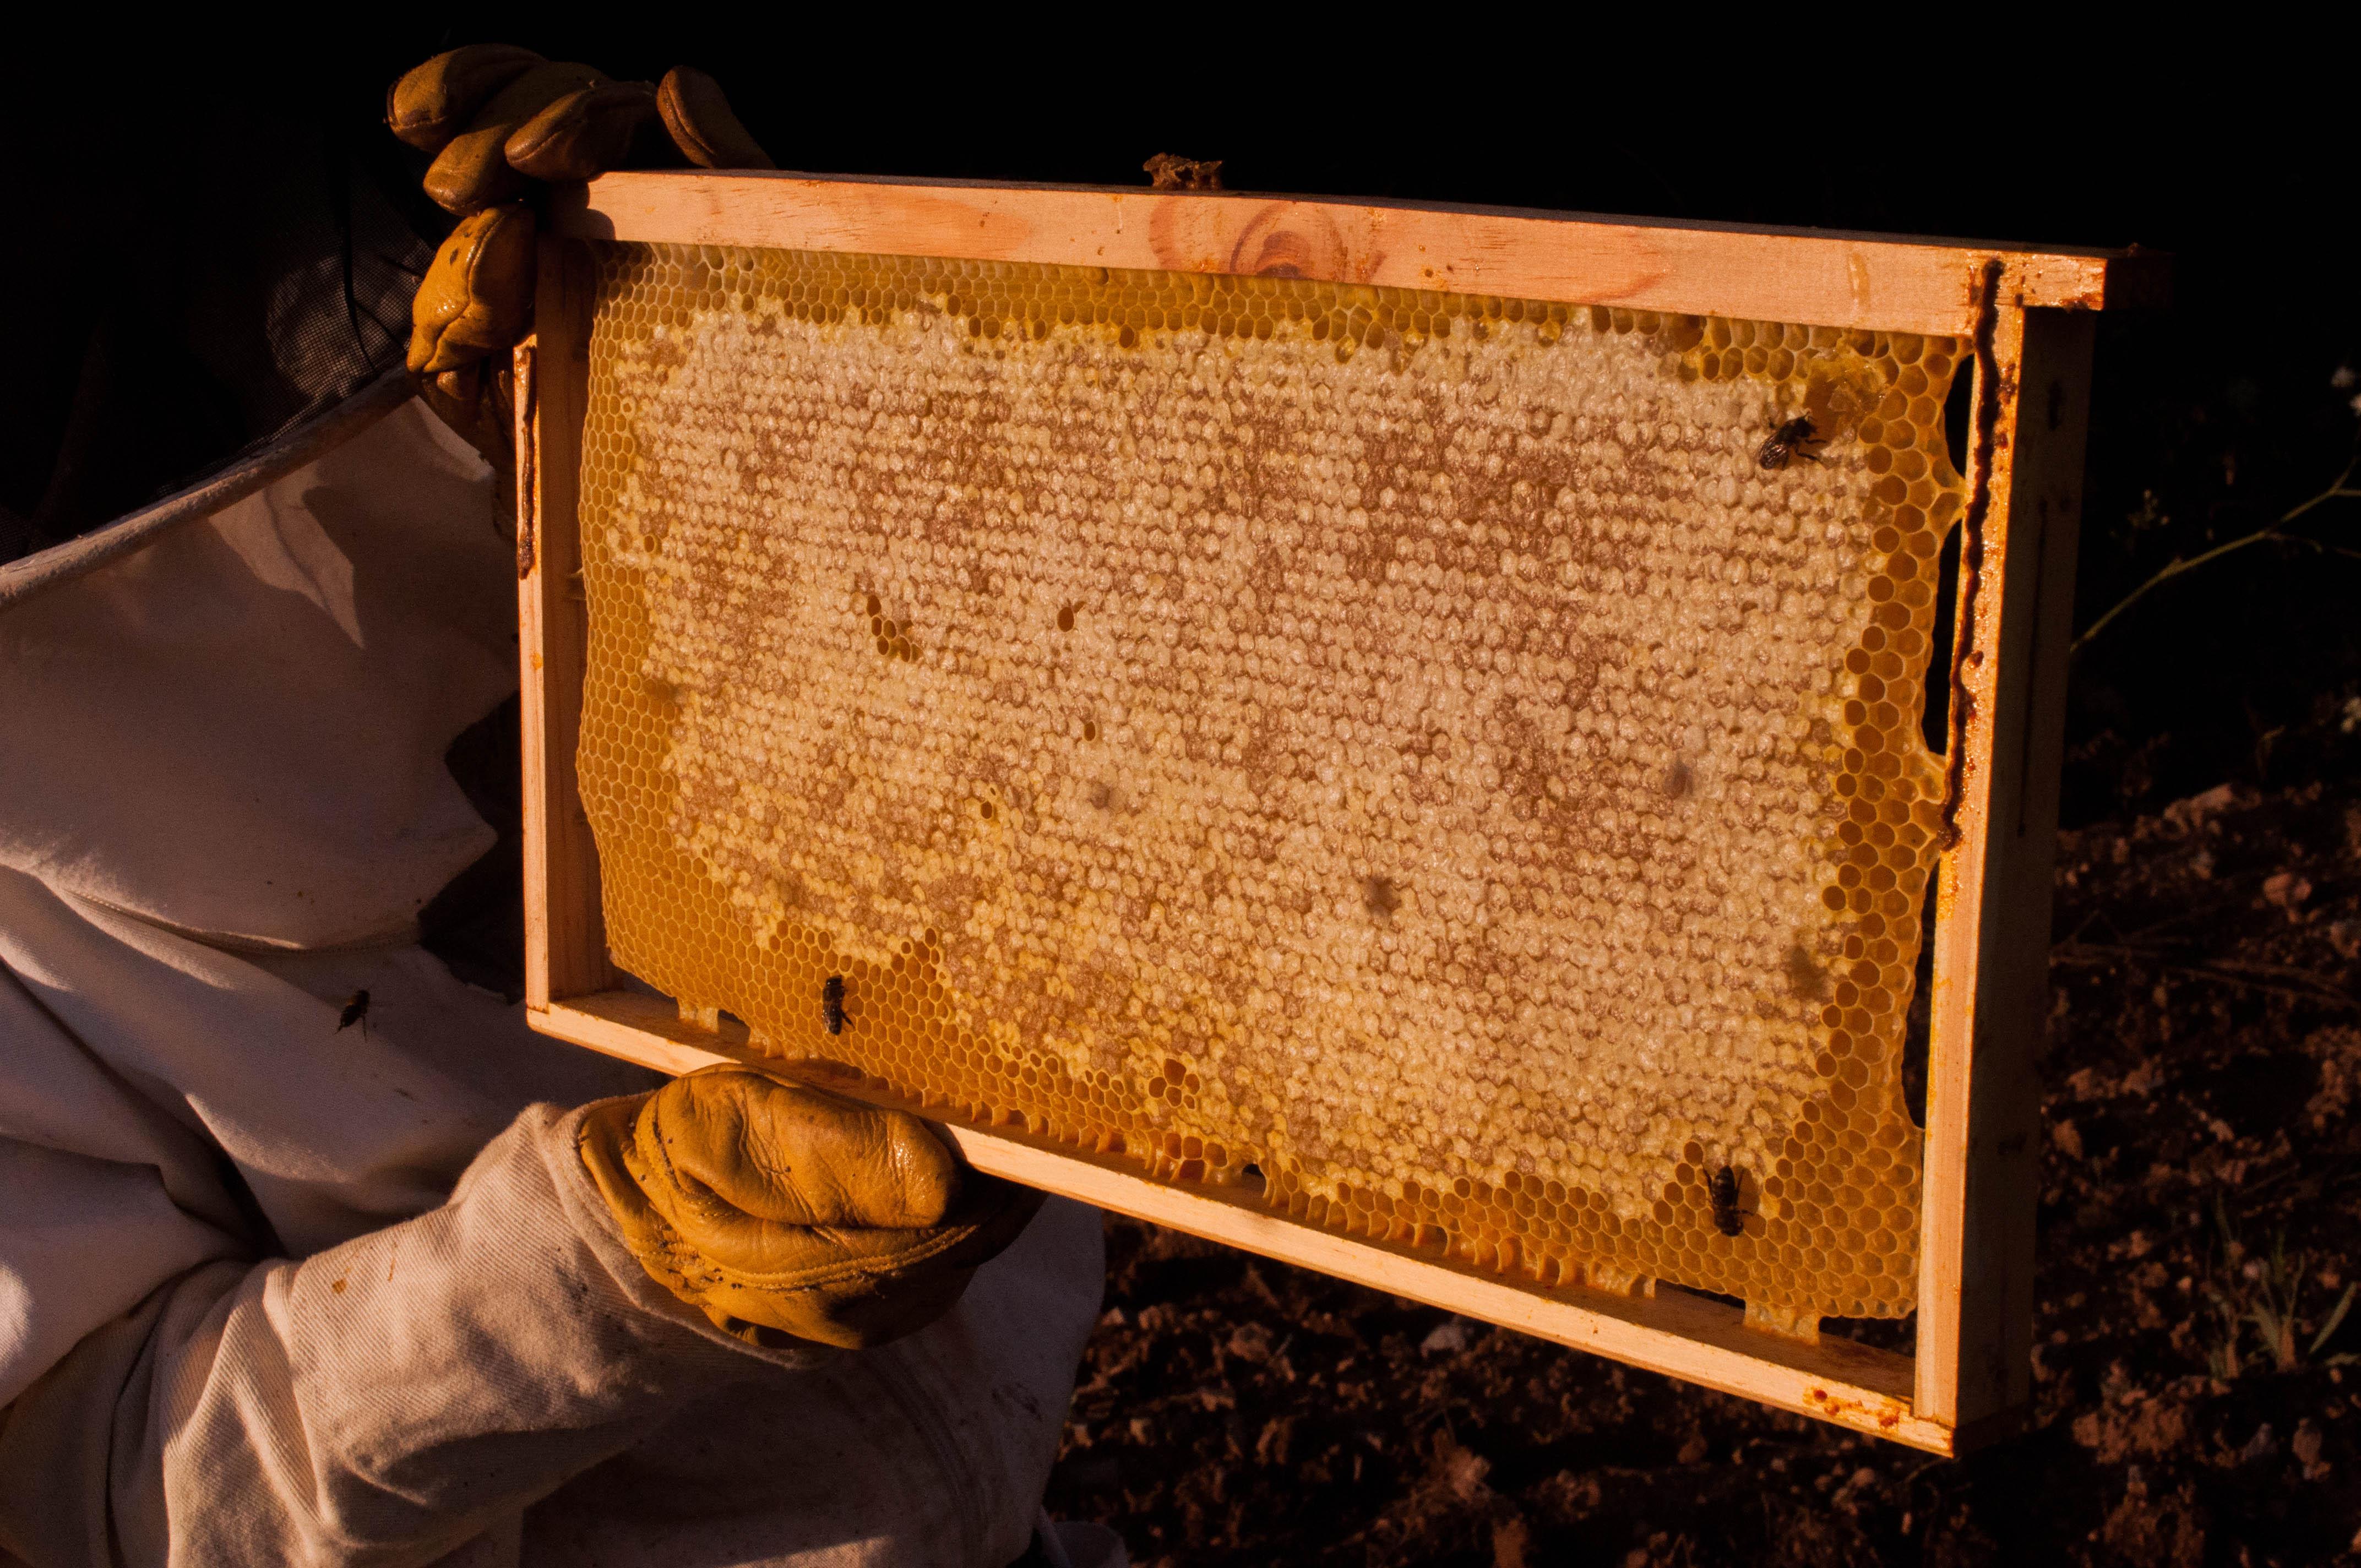 miel operculada multifloral Las Obreras de Aliste Artesanos de la miel Zamora Spain